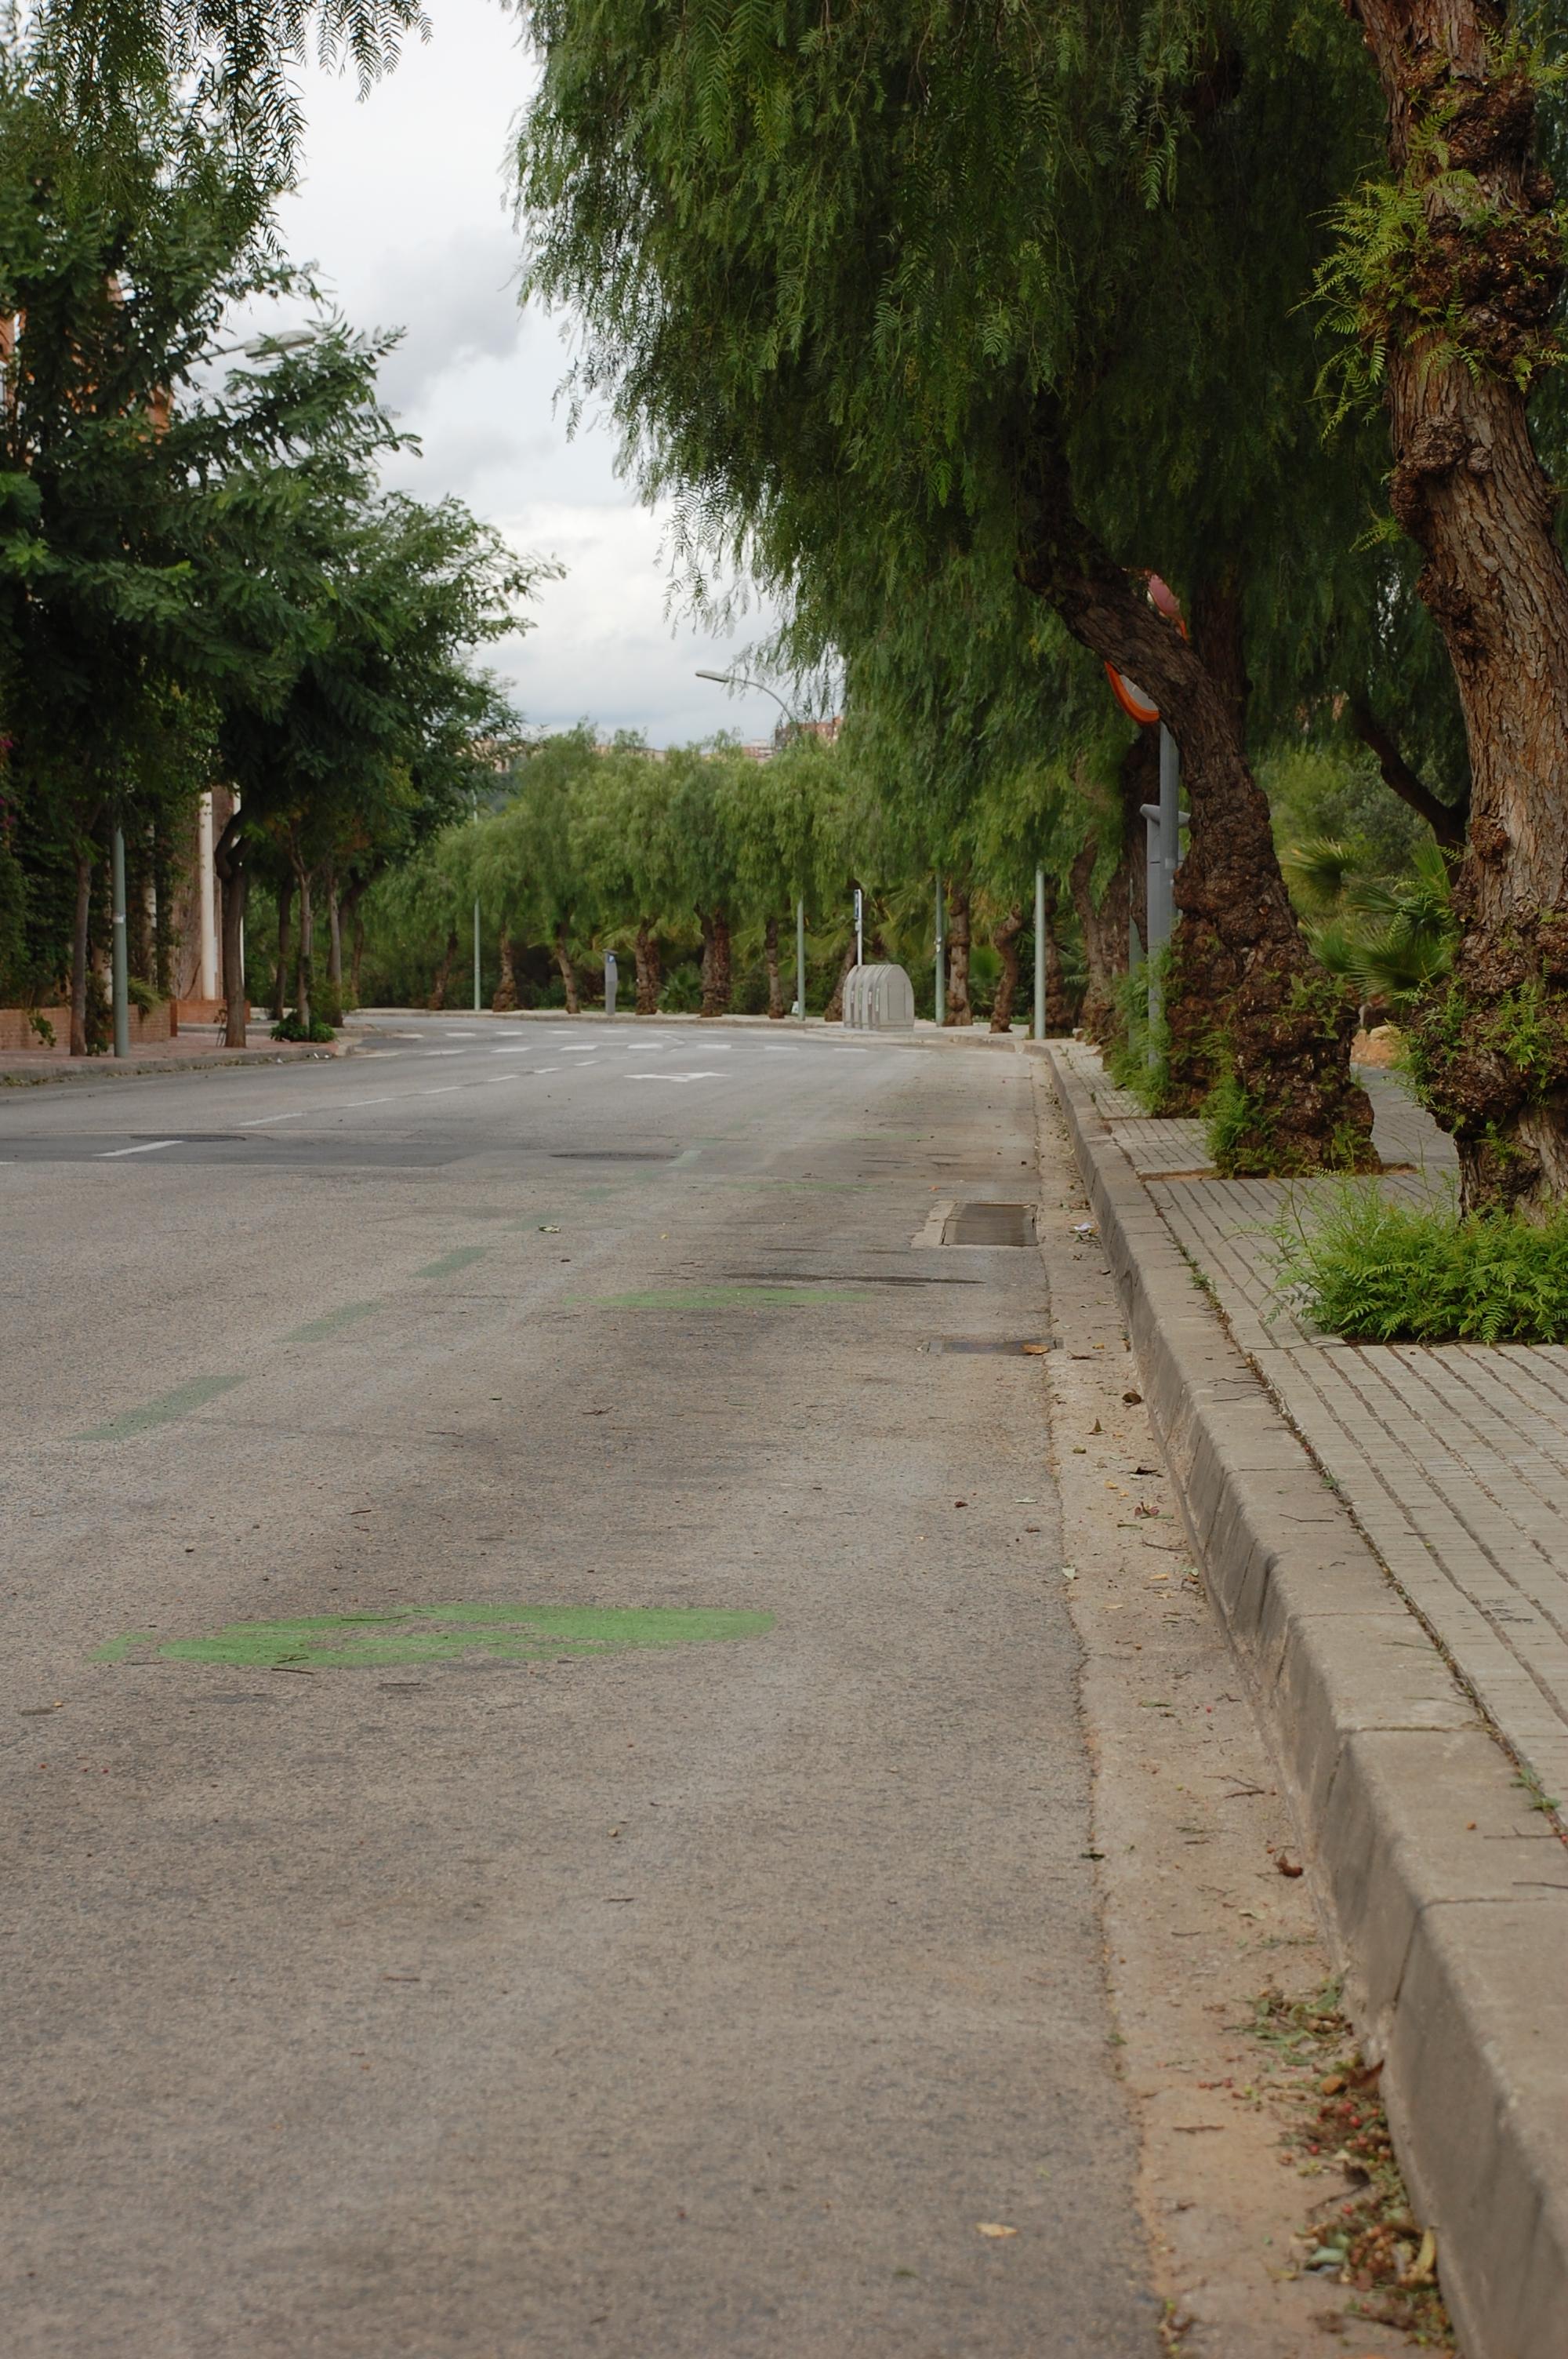 Imatge de carrers buits de cotxes aparcats quan es va implantar la zona verda